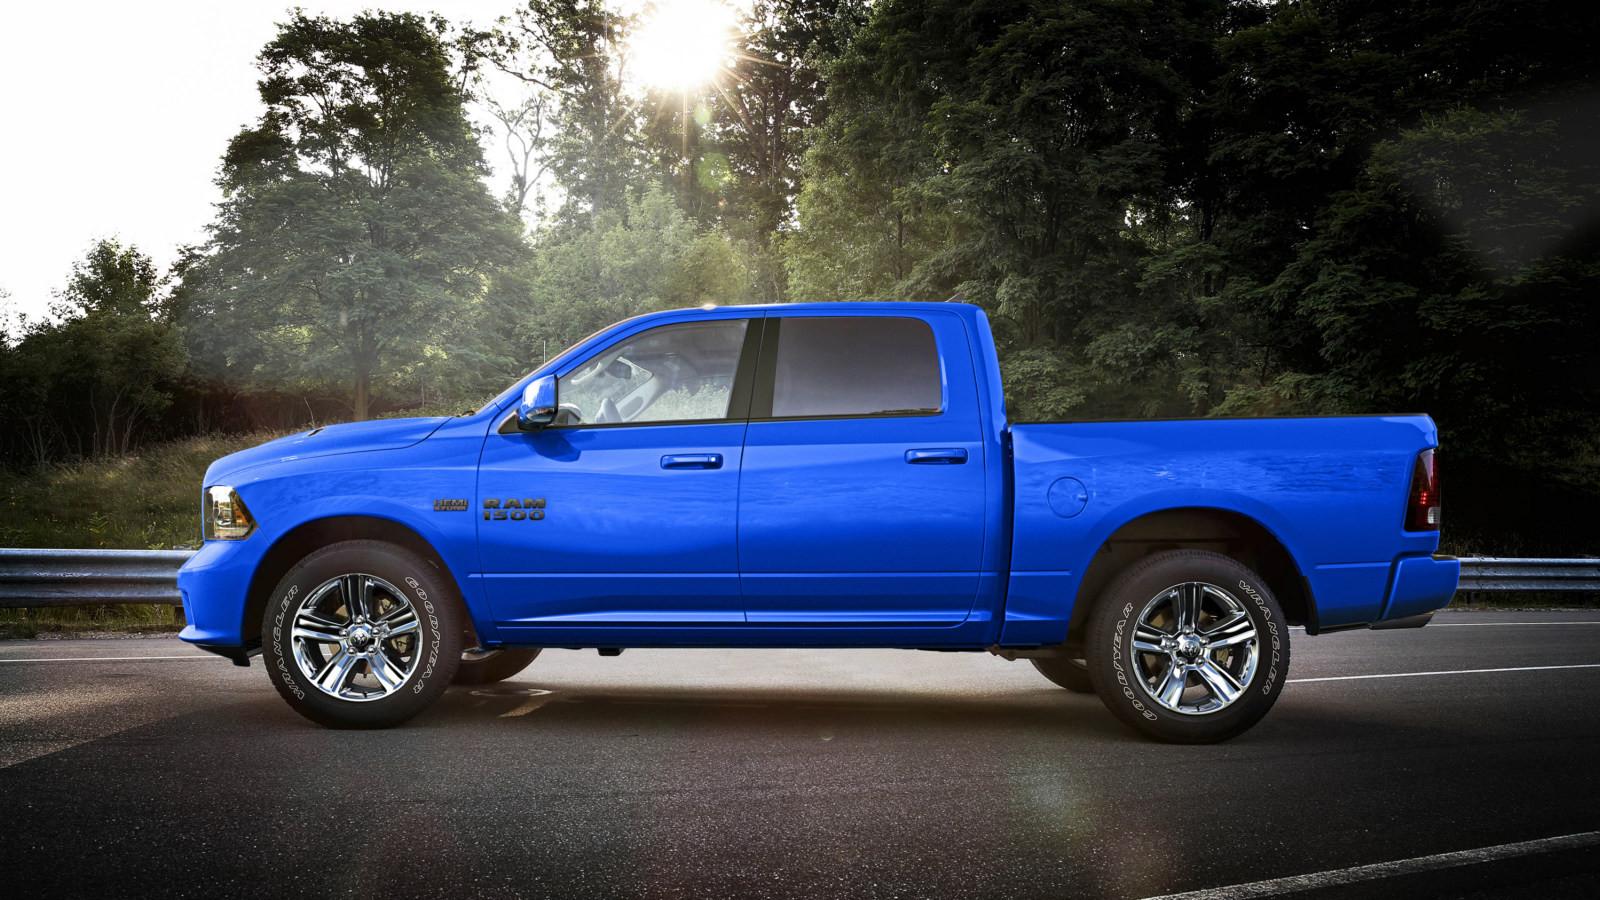 Пикап Ram 1500 Hydro Blue Sport 2018 получил особую «синюю» версию